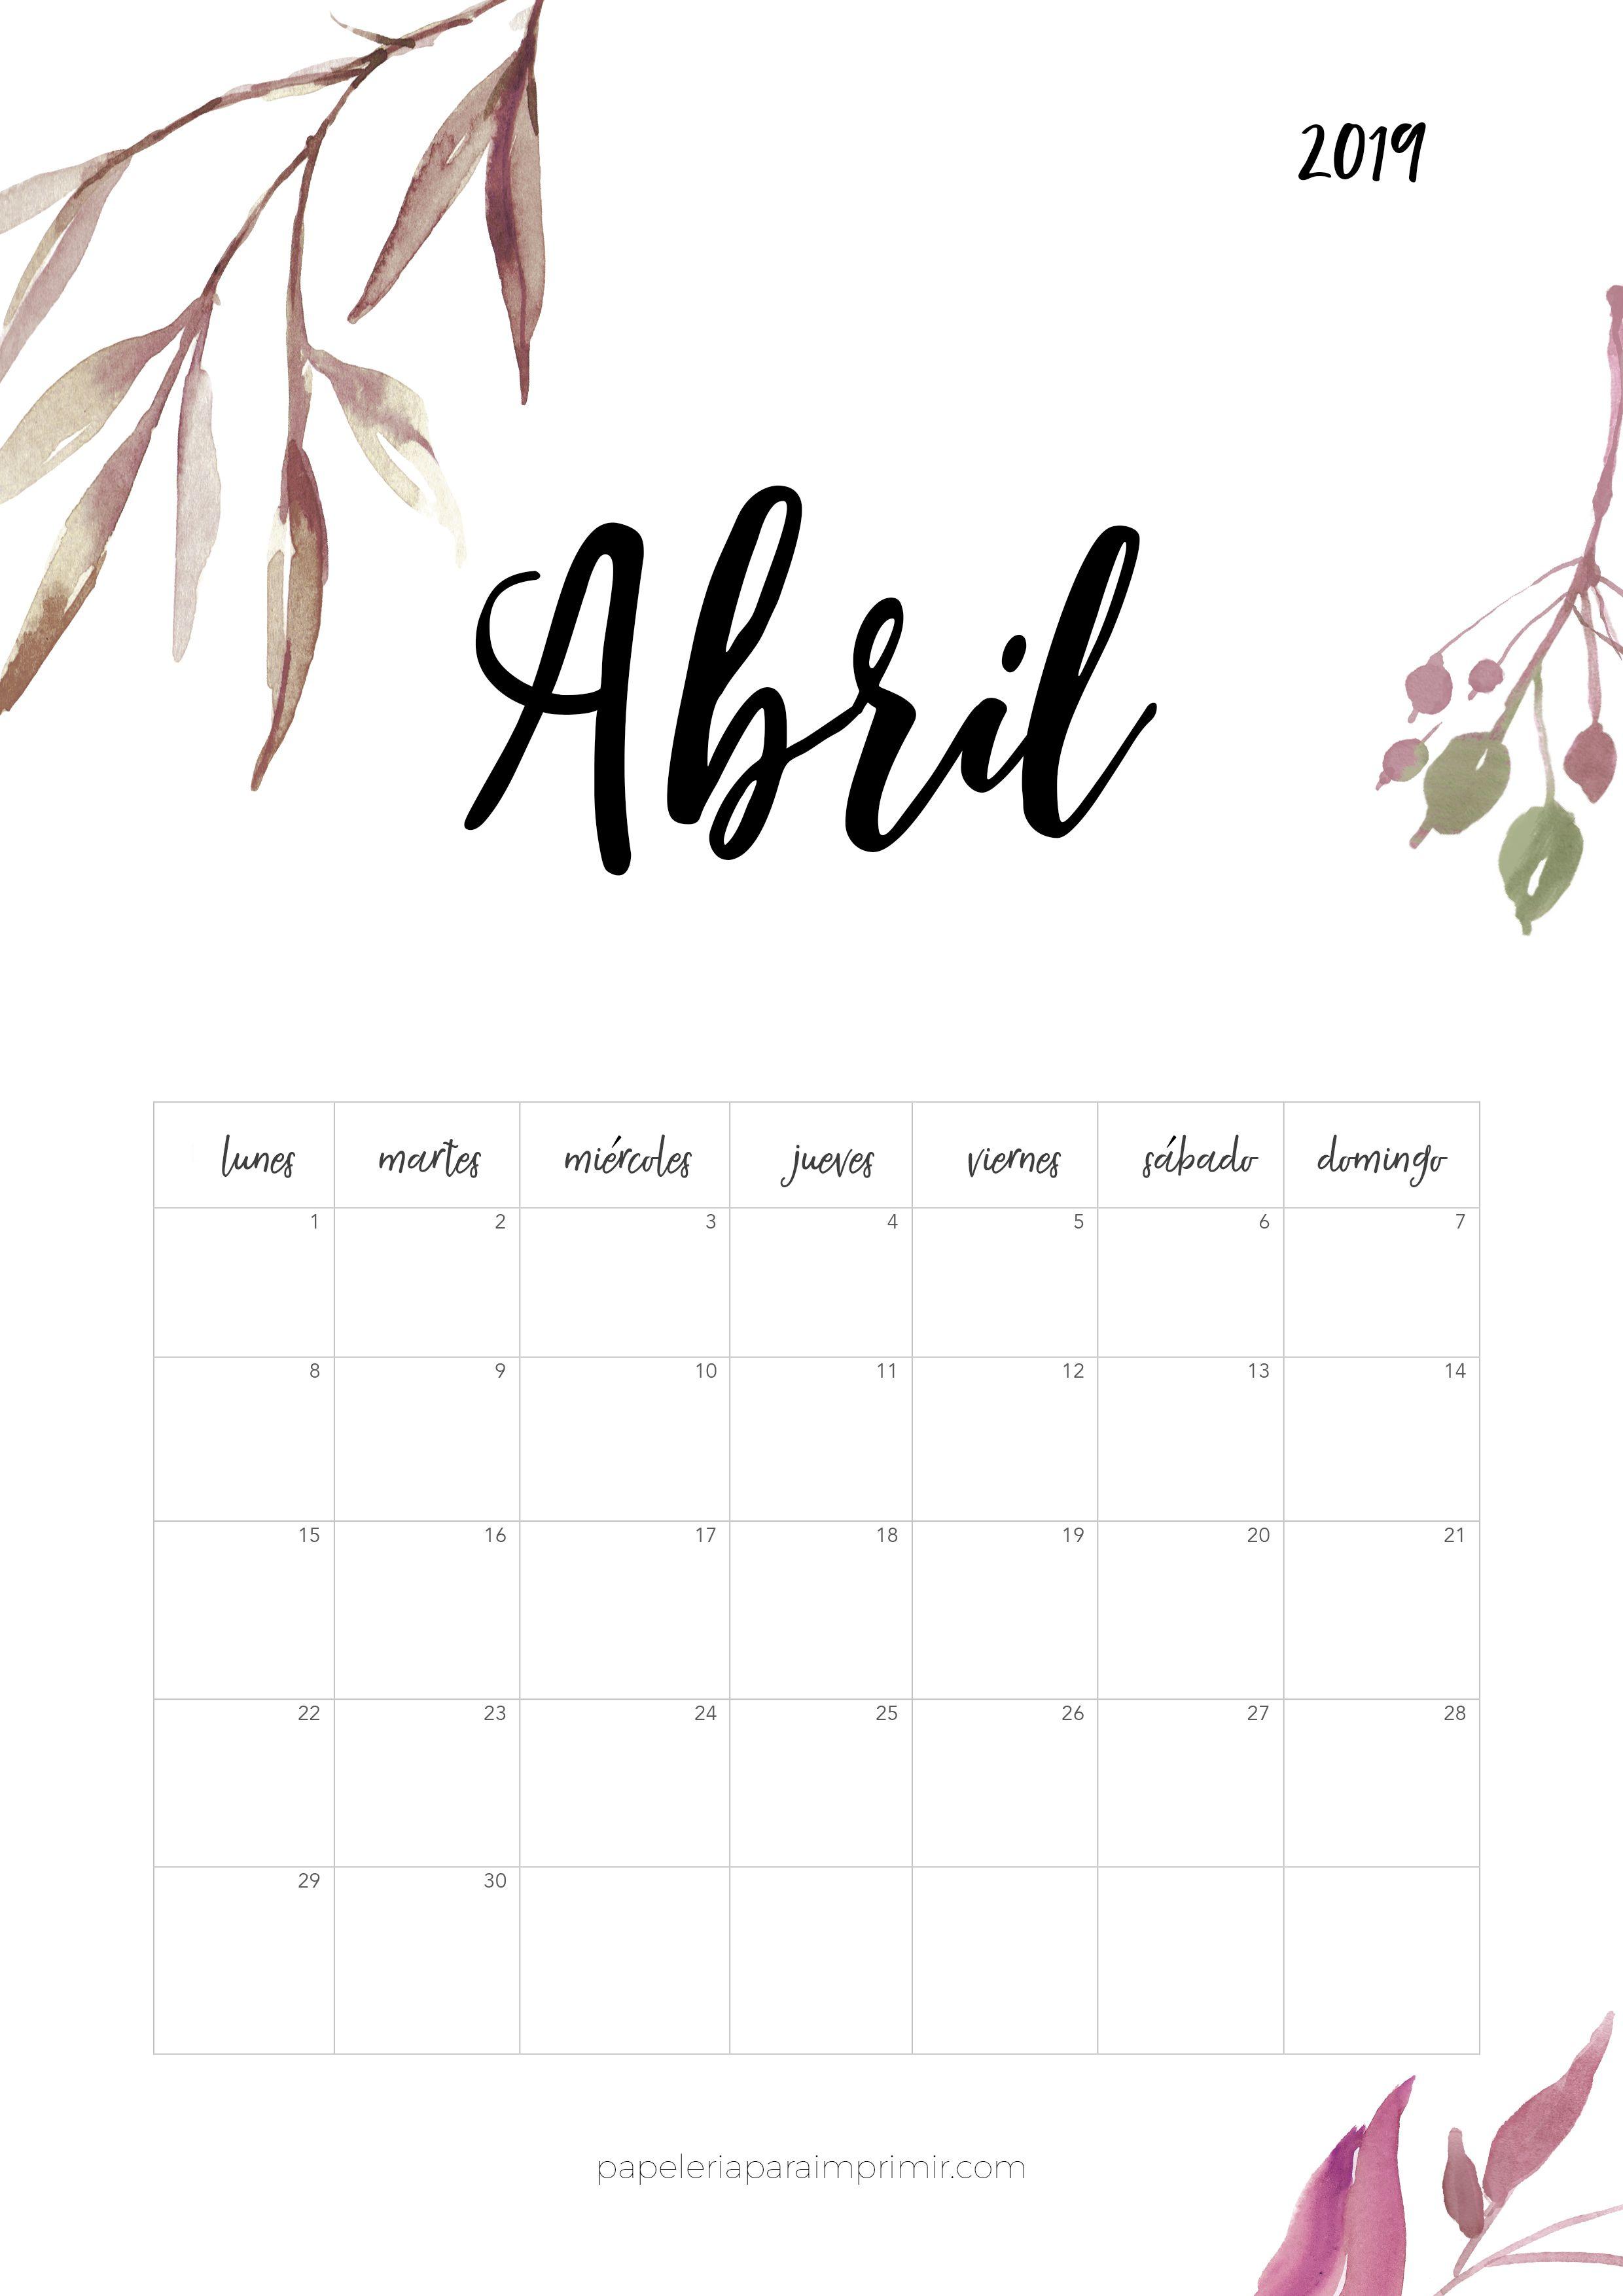 Calendarios De February De 2019 Bonitos Calendario para imprimir 2019   Abril #calendario #calendar